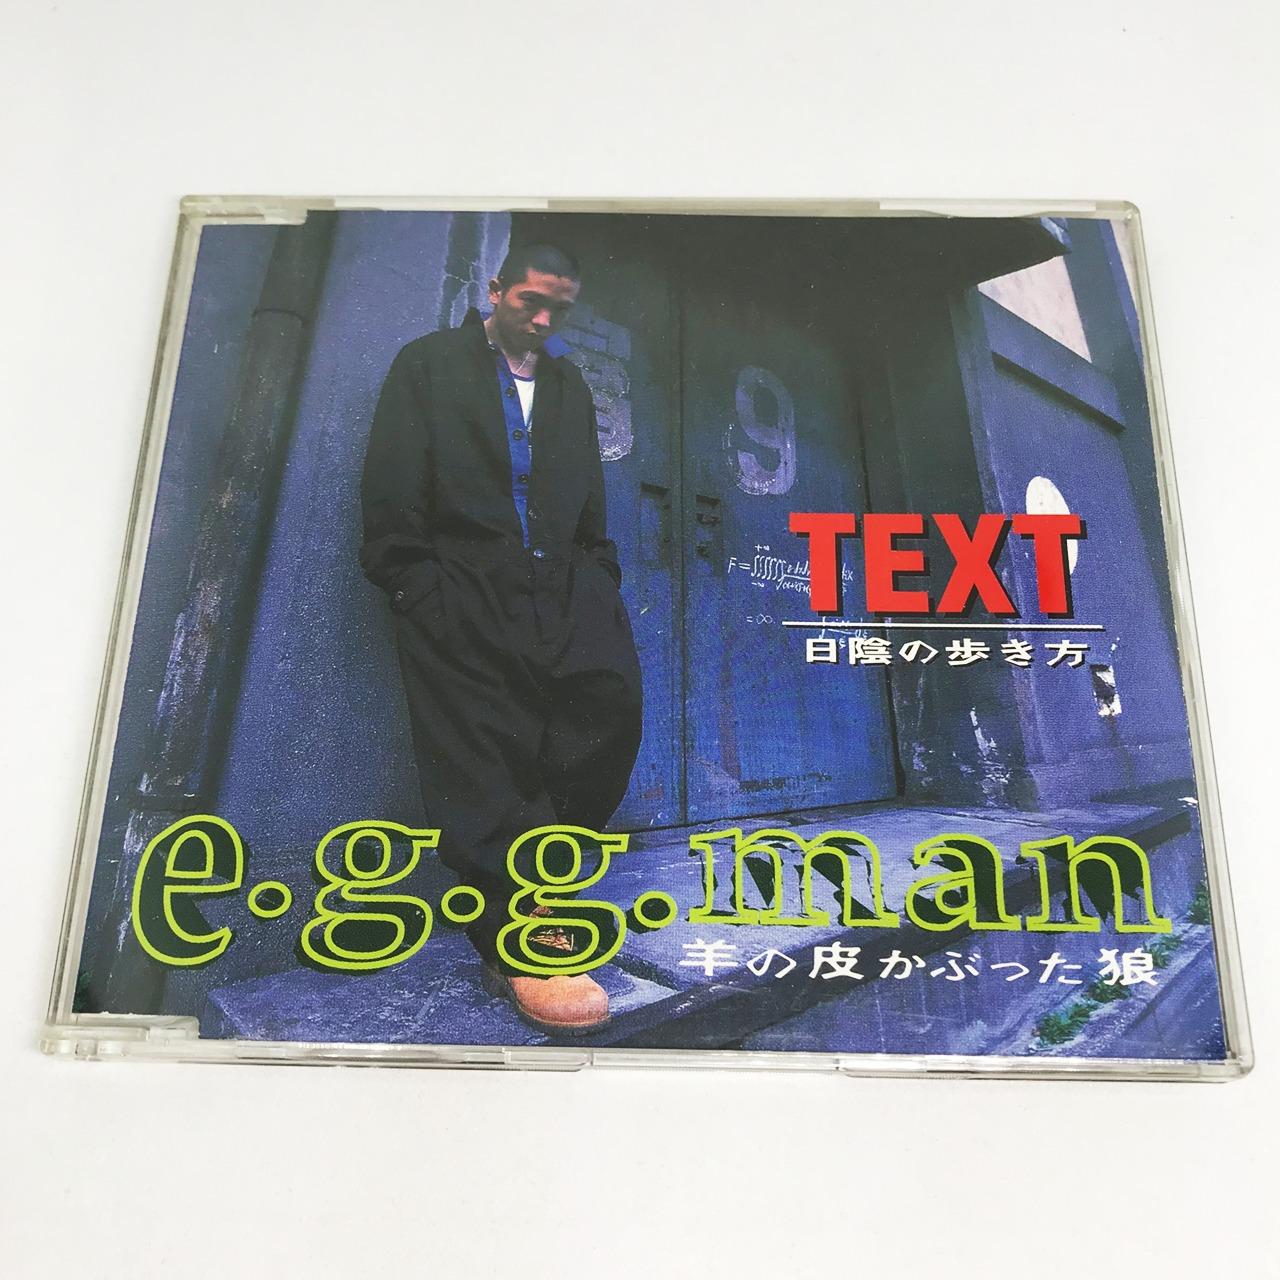 E.G.G.MAN / Text